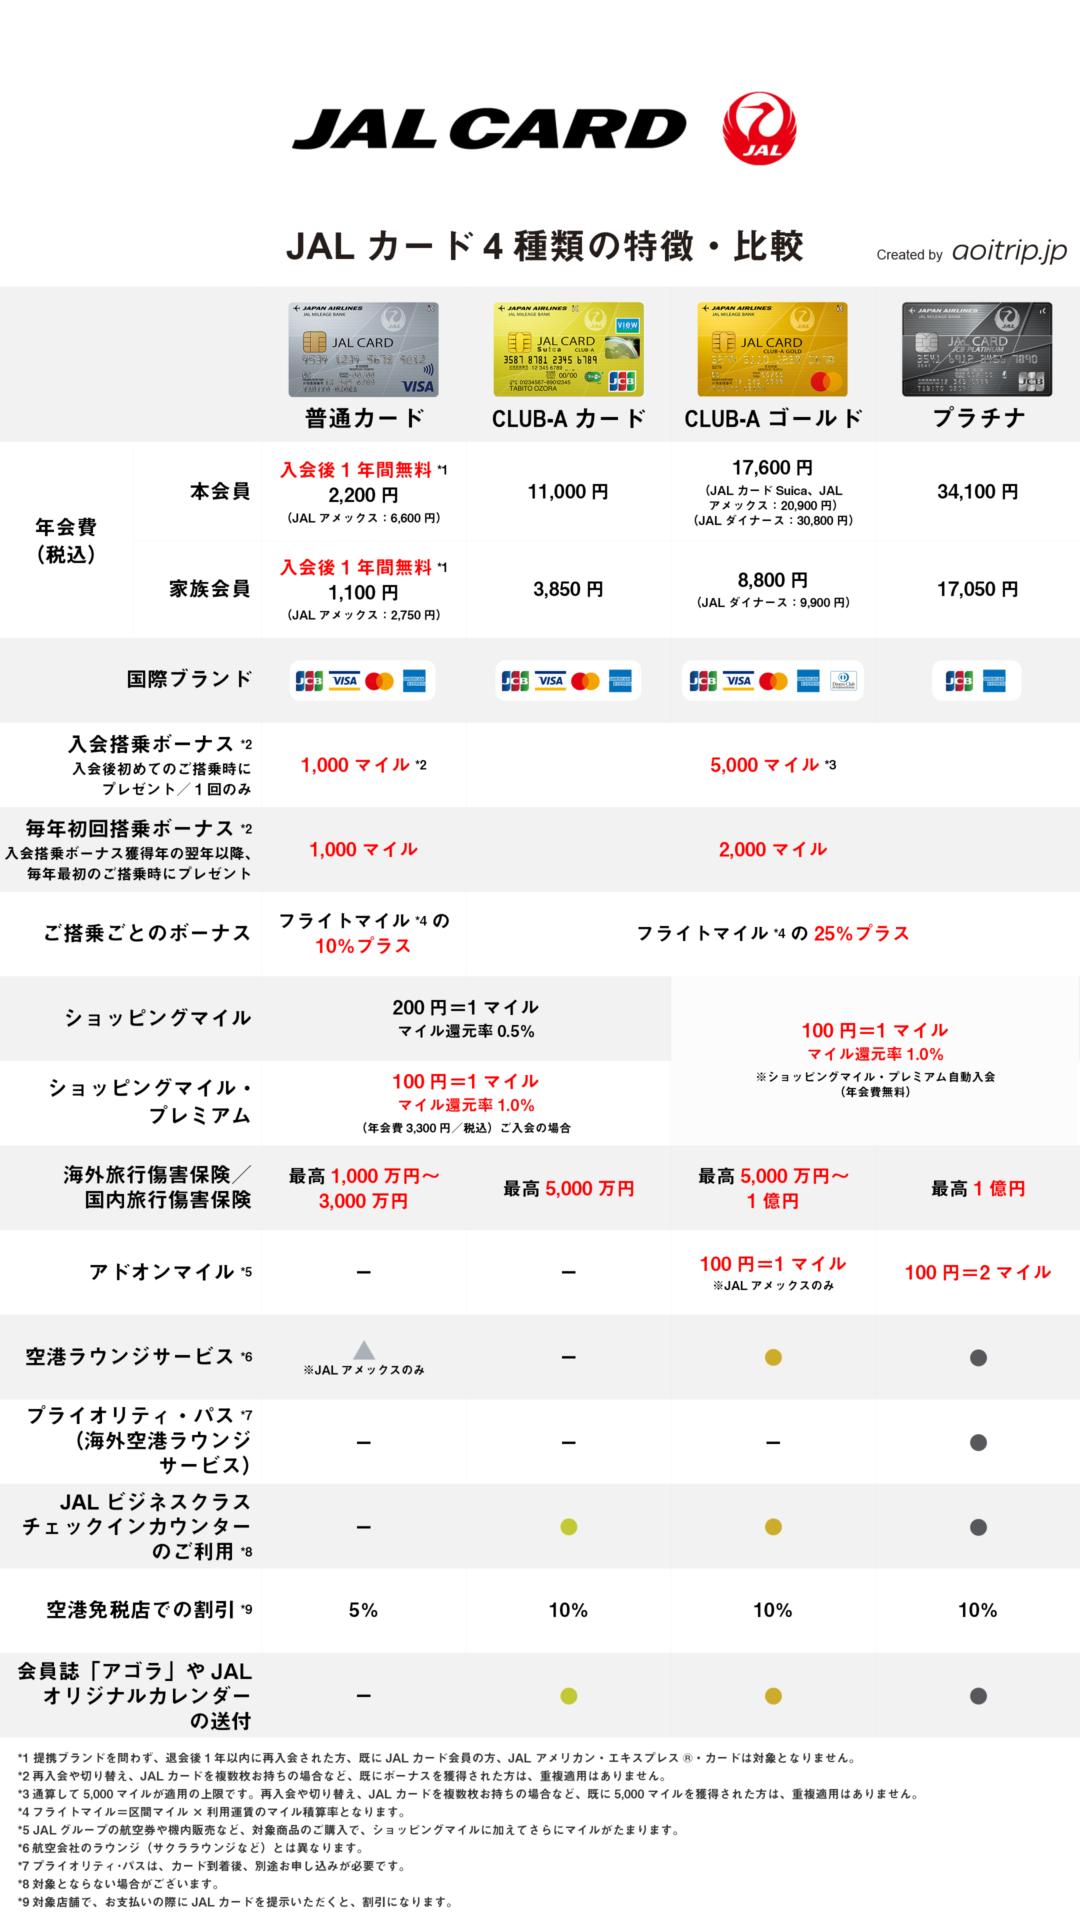 JALカード4種類の特徴・年会費・マイル還元率の比較表リスト